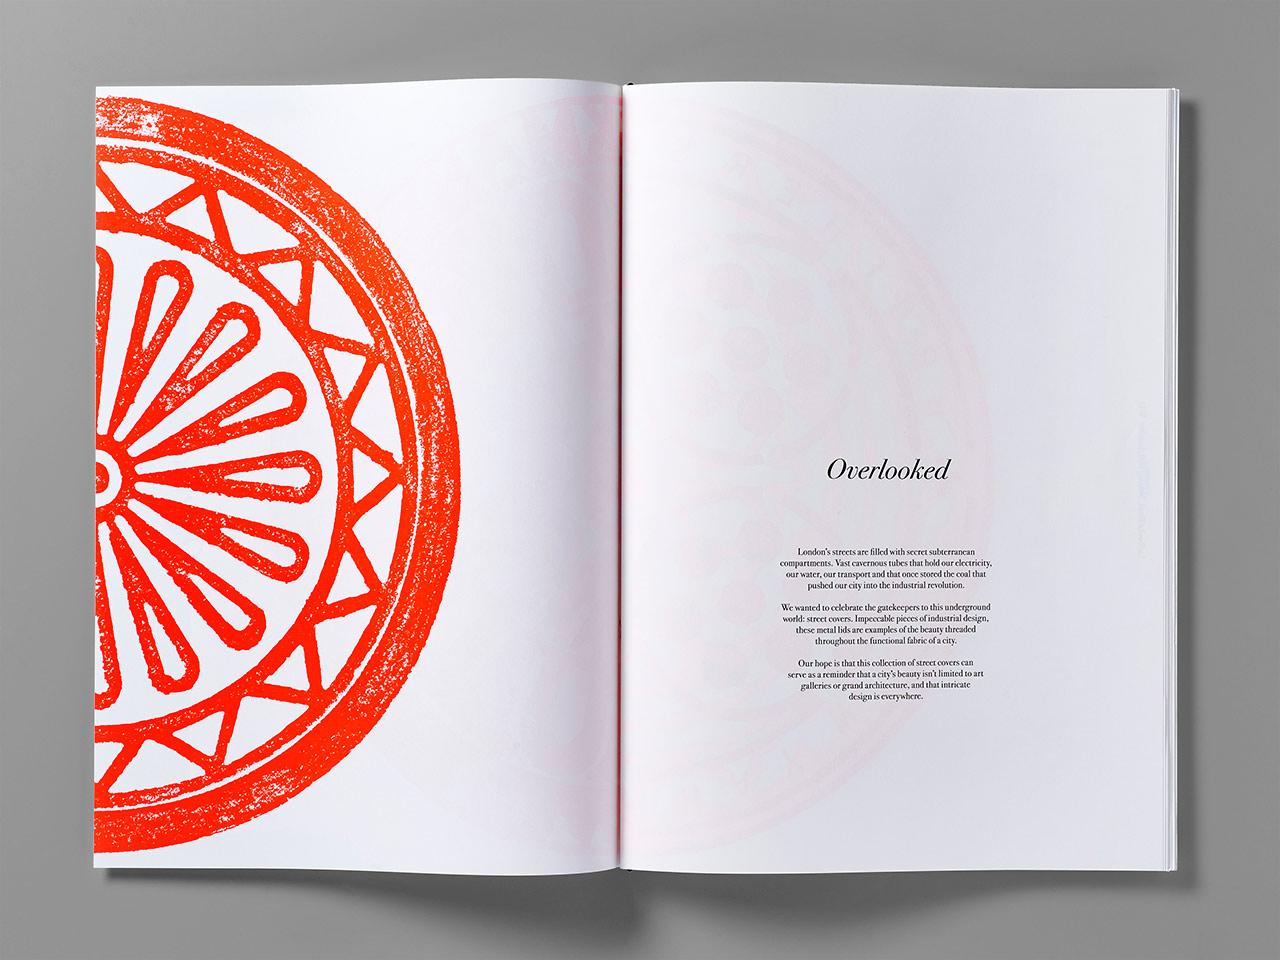 Pentagram_Overlooked-PP-book_02